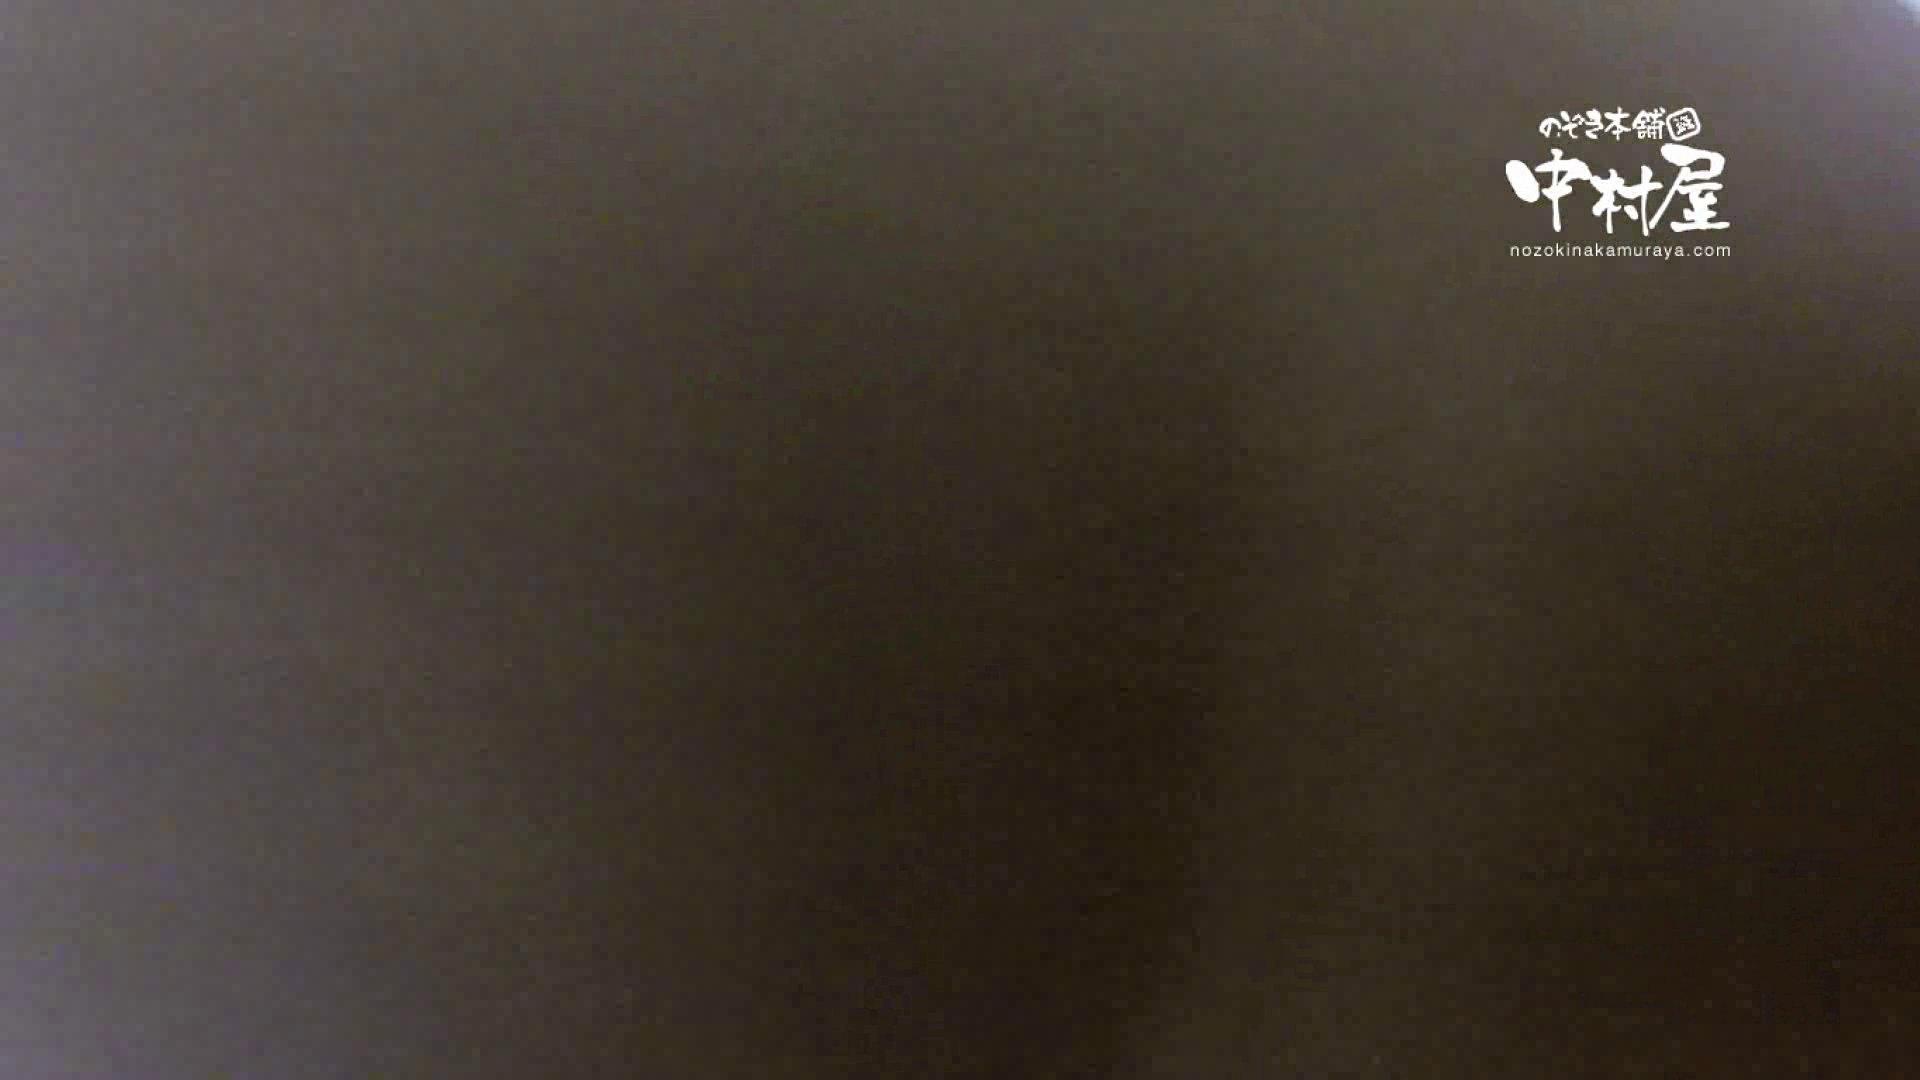 鬼畜 vol.06 中出し処刑! 前編 中出し オメコ無修正動画無料 101pic 32